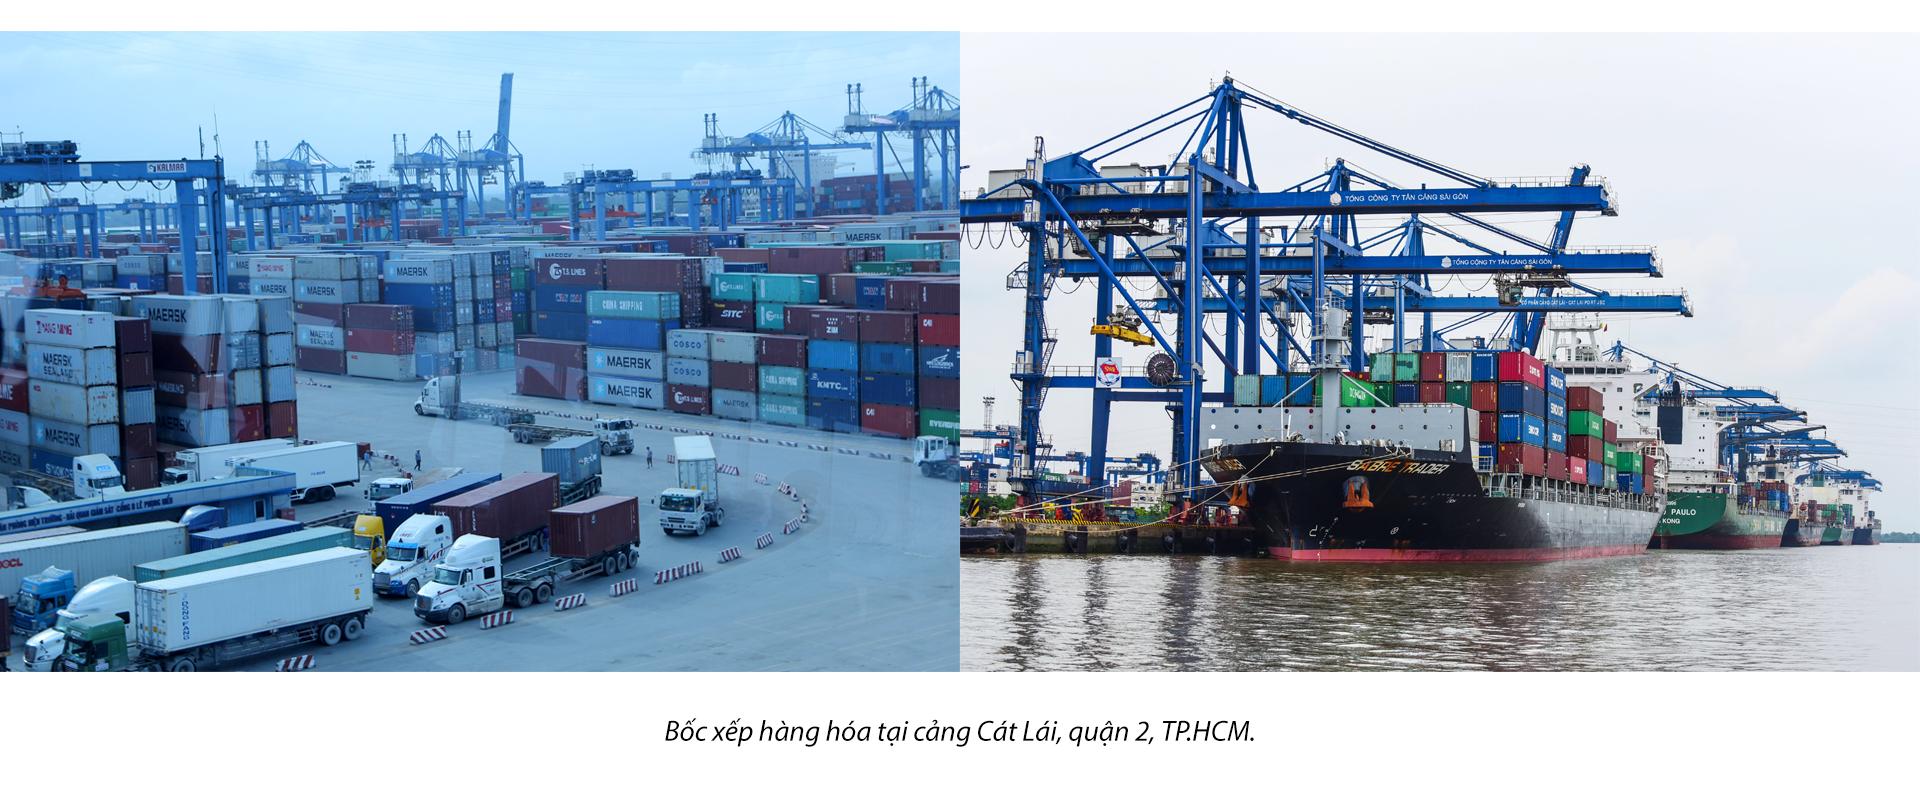 Emagazine: 5 thành tựu lớn của TP.HCM trong nhiệm kỳ 2015-2020 - ảnh 3